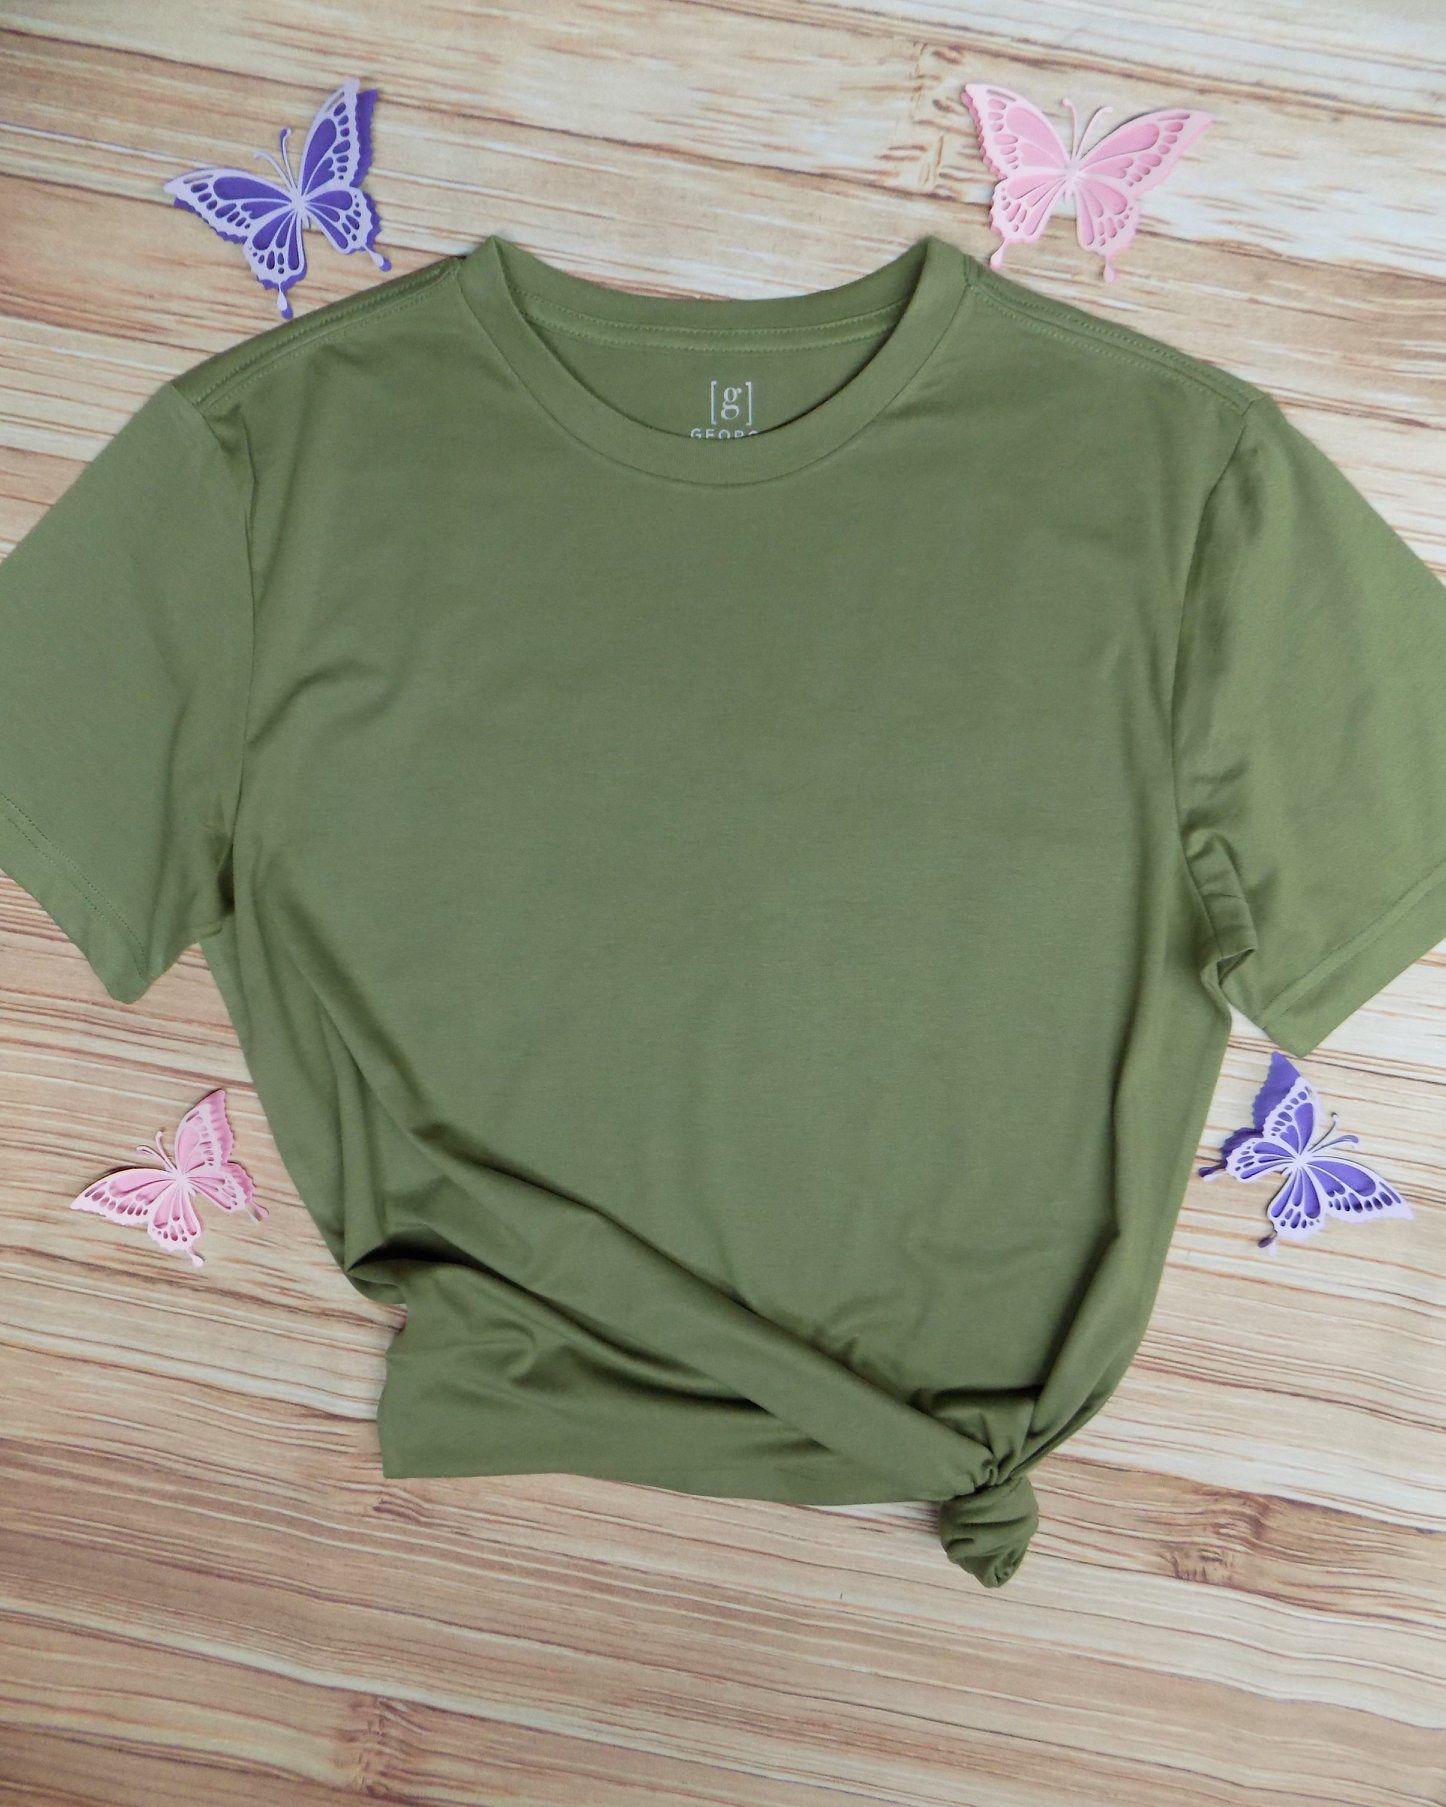 Download Green Shirt Mock Up Clothing Mockup Custom Shirts Fishing T Shirts